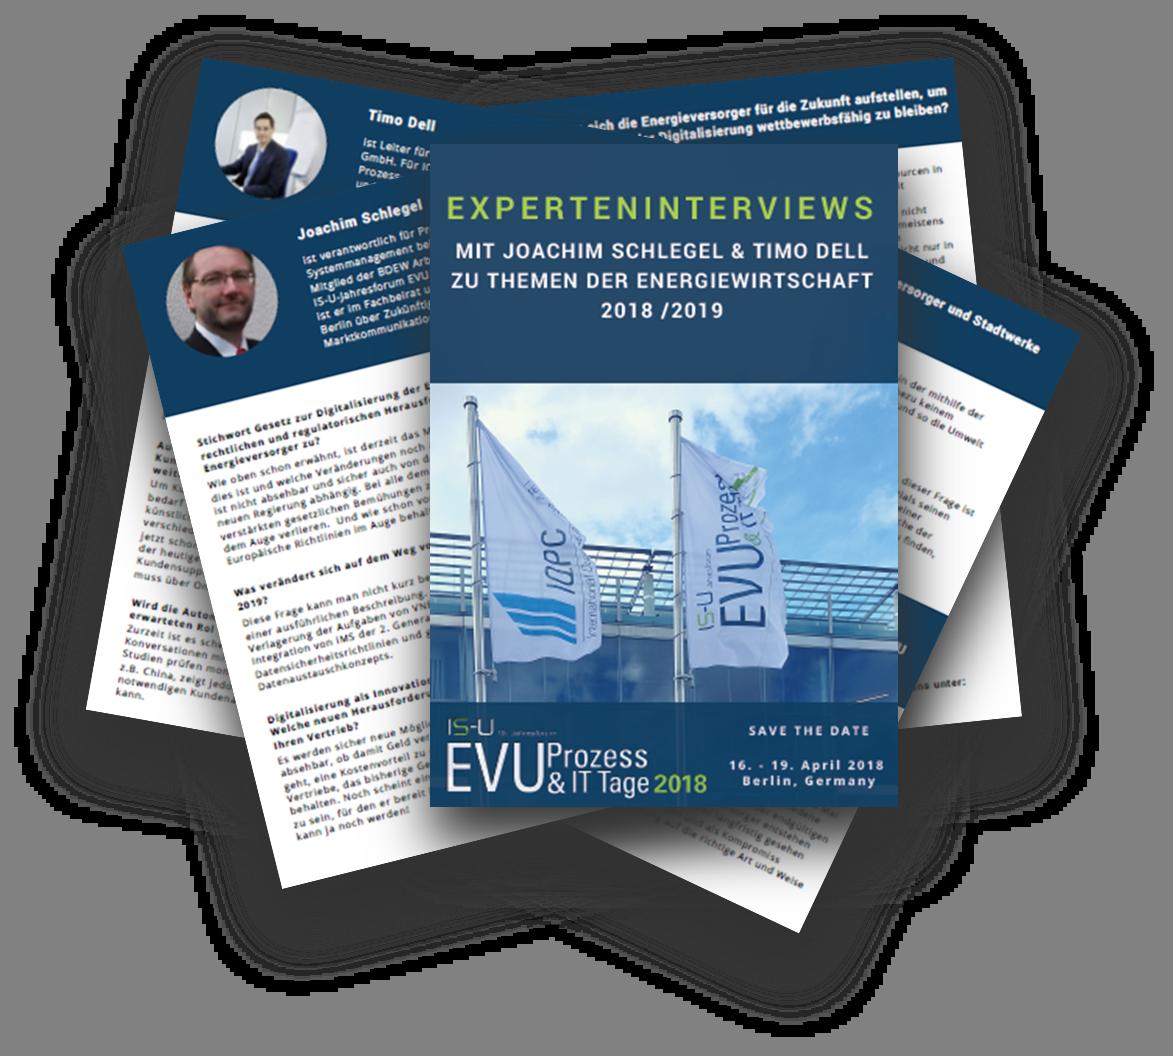 Experteninterviews mit dem Fachbeirat Teil II